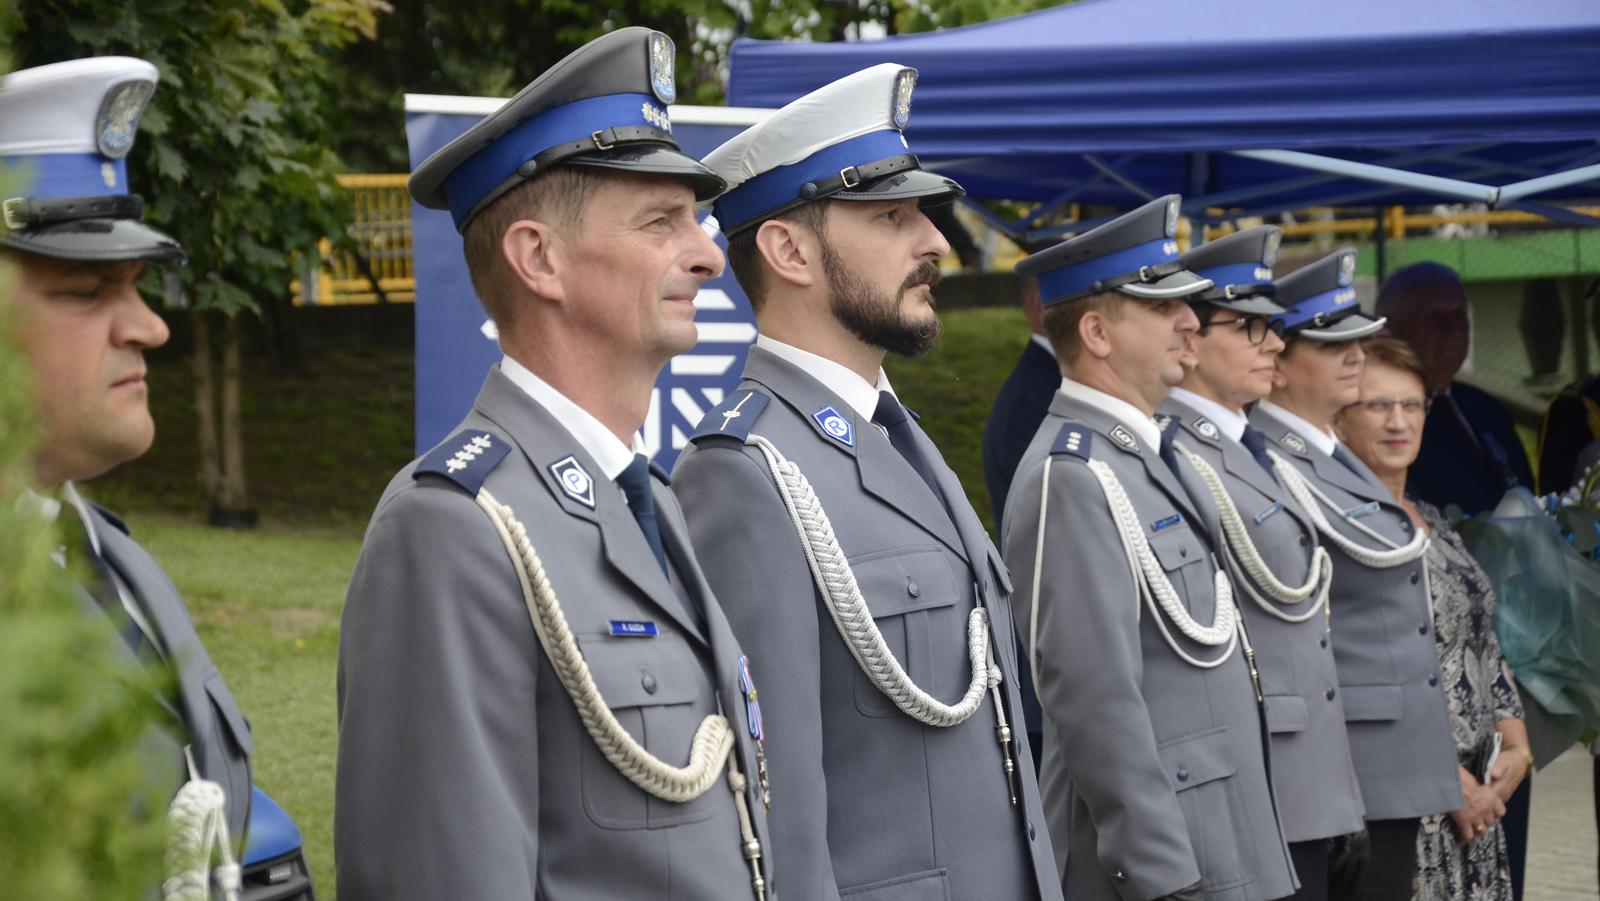 Święto Policji 2021. Obchody w Kolbuszowej [ZDJĘCIA] - Zdjęcie główne